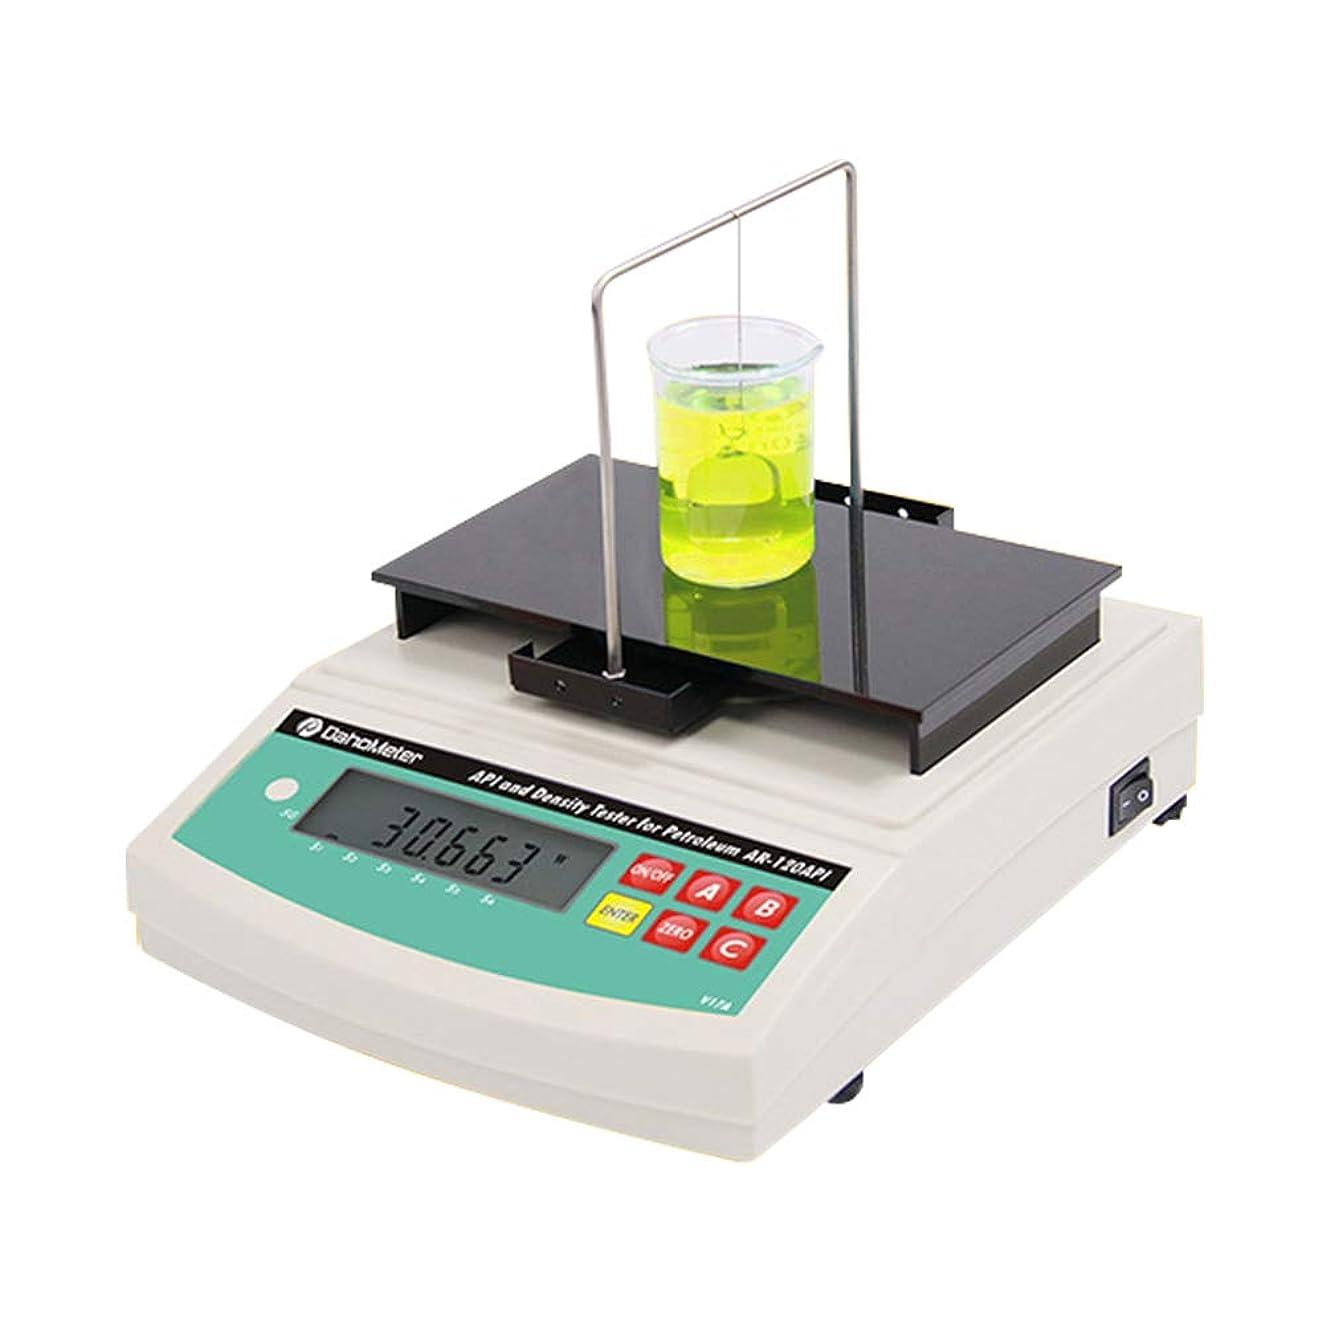 警官物足りない減少Lodomov 液体密度計 精度0.001 g/cm3 デジタル表示 高精度 化学品/油類/石油/化粧品 110V